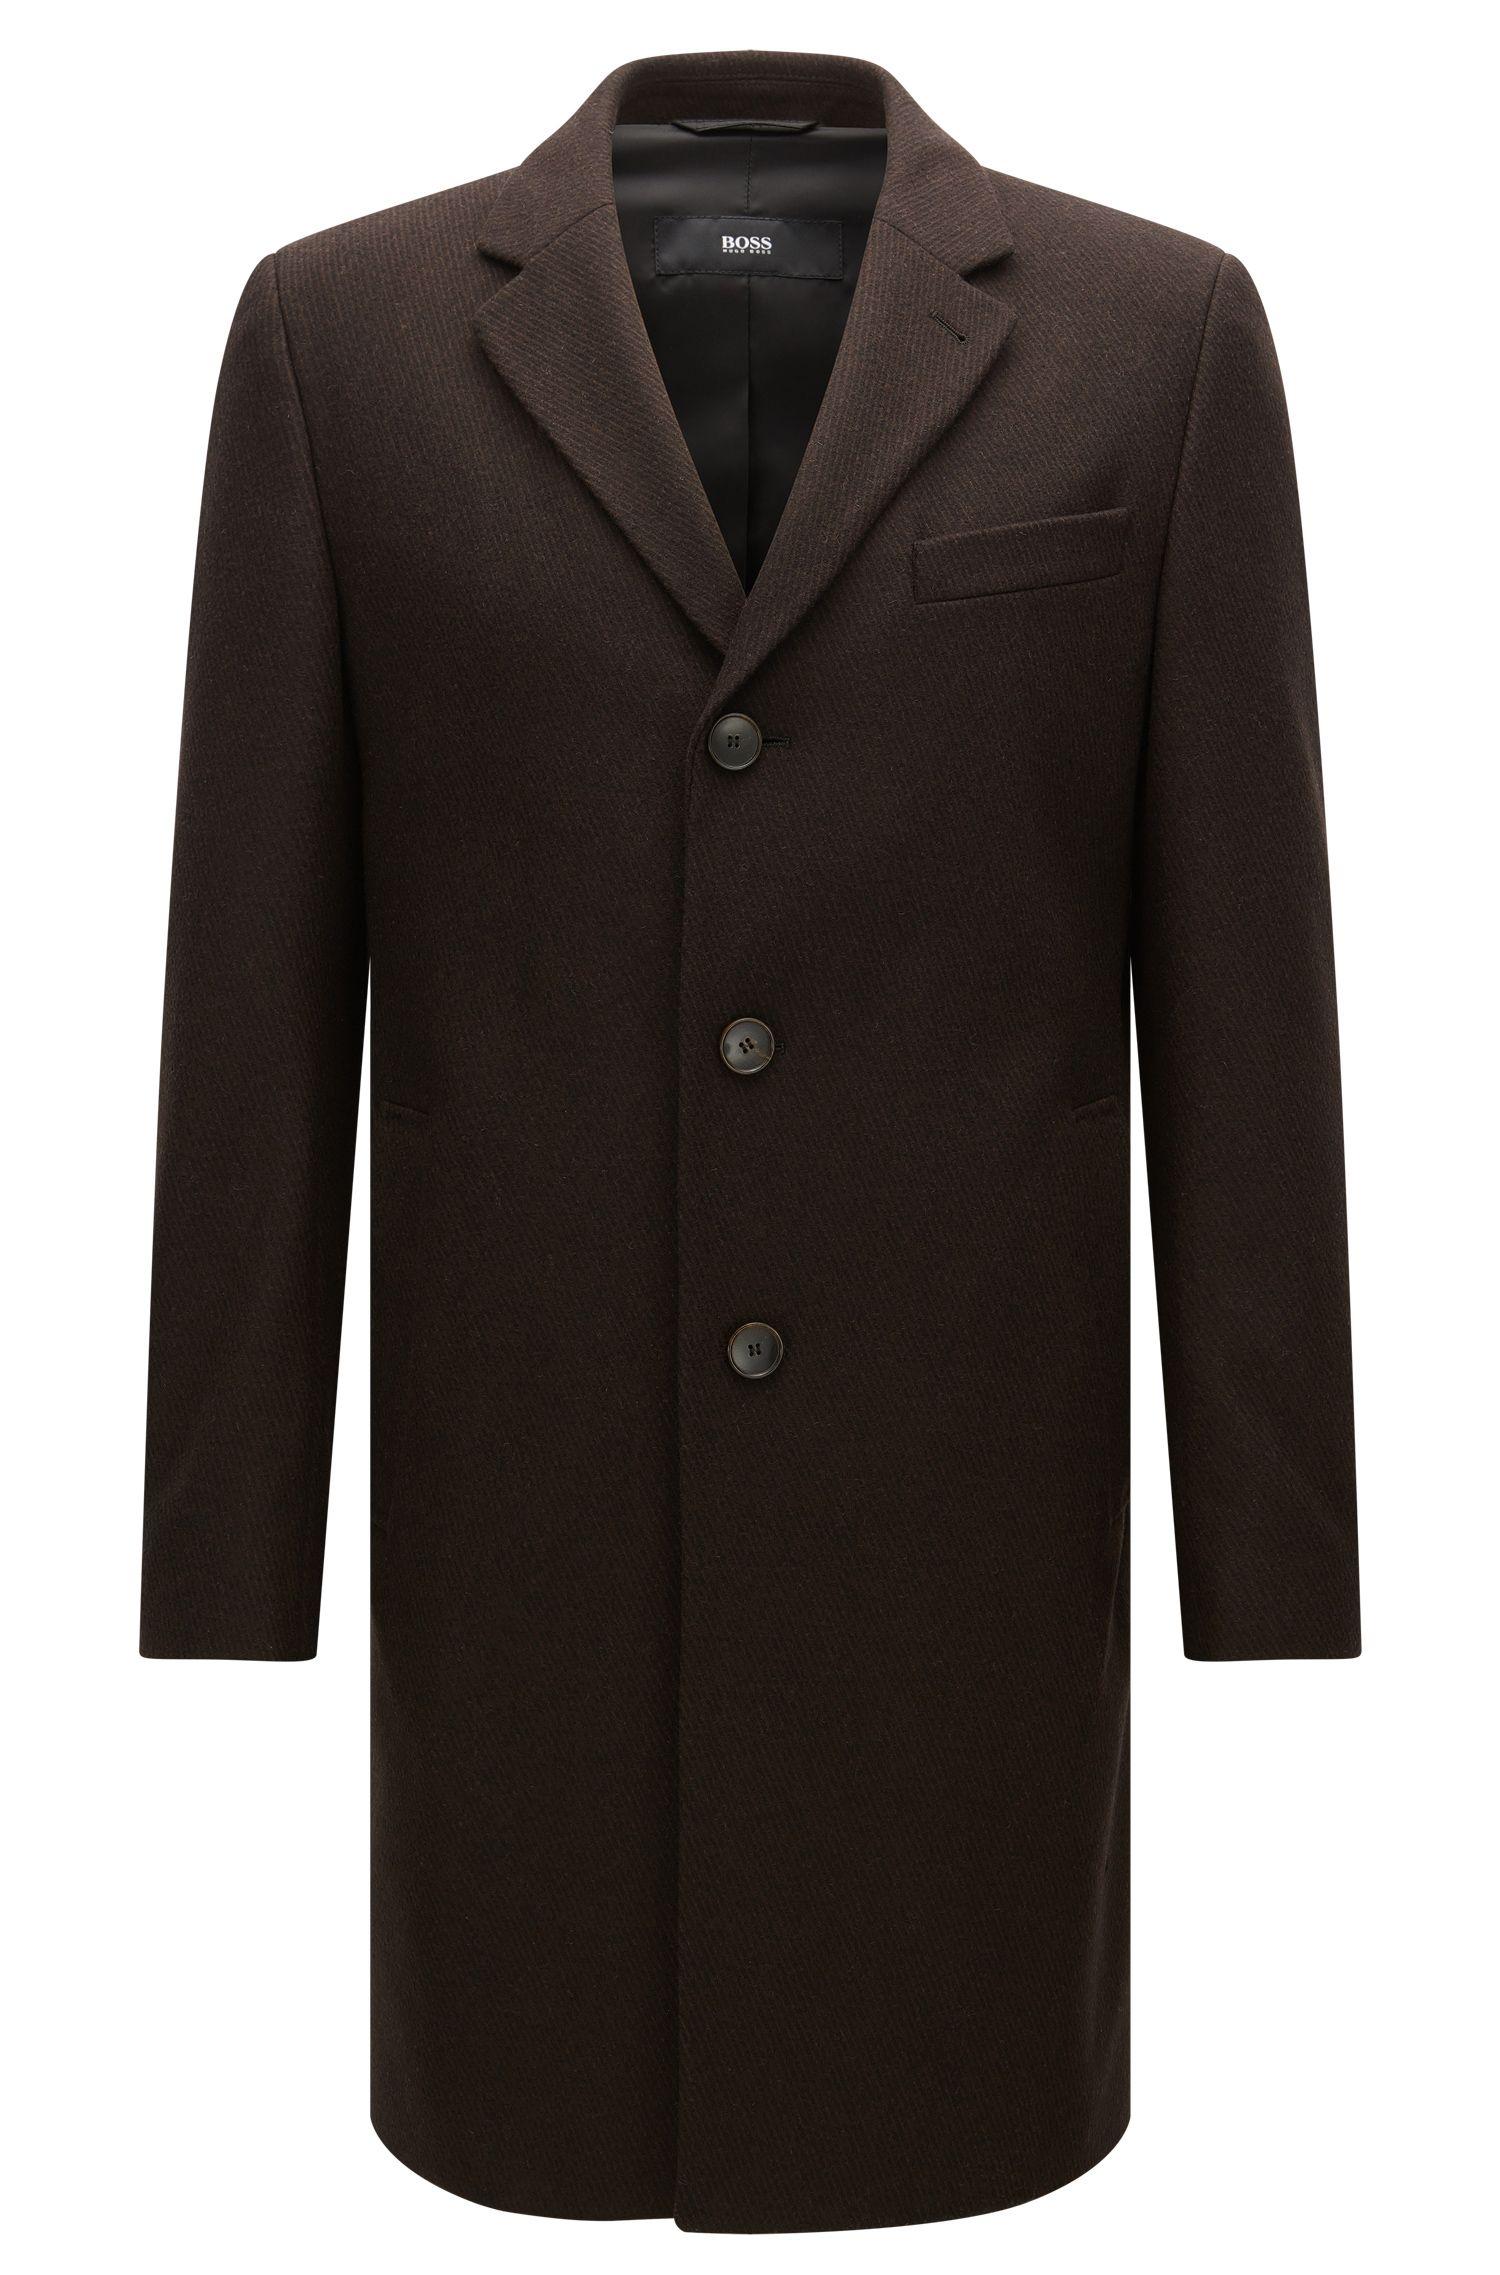 'NYE' | Virgin Wool Blend Topcoat